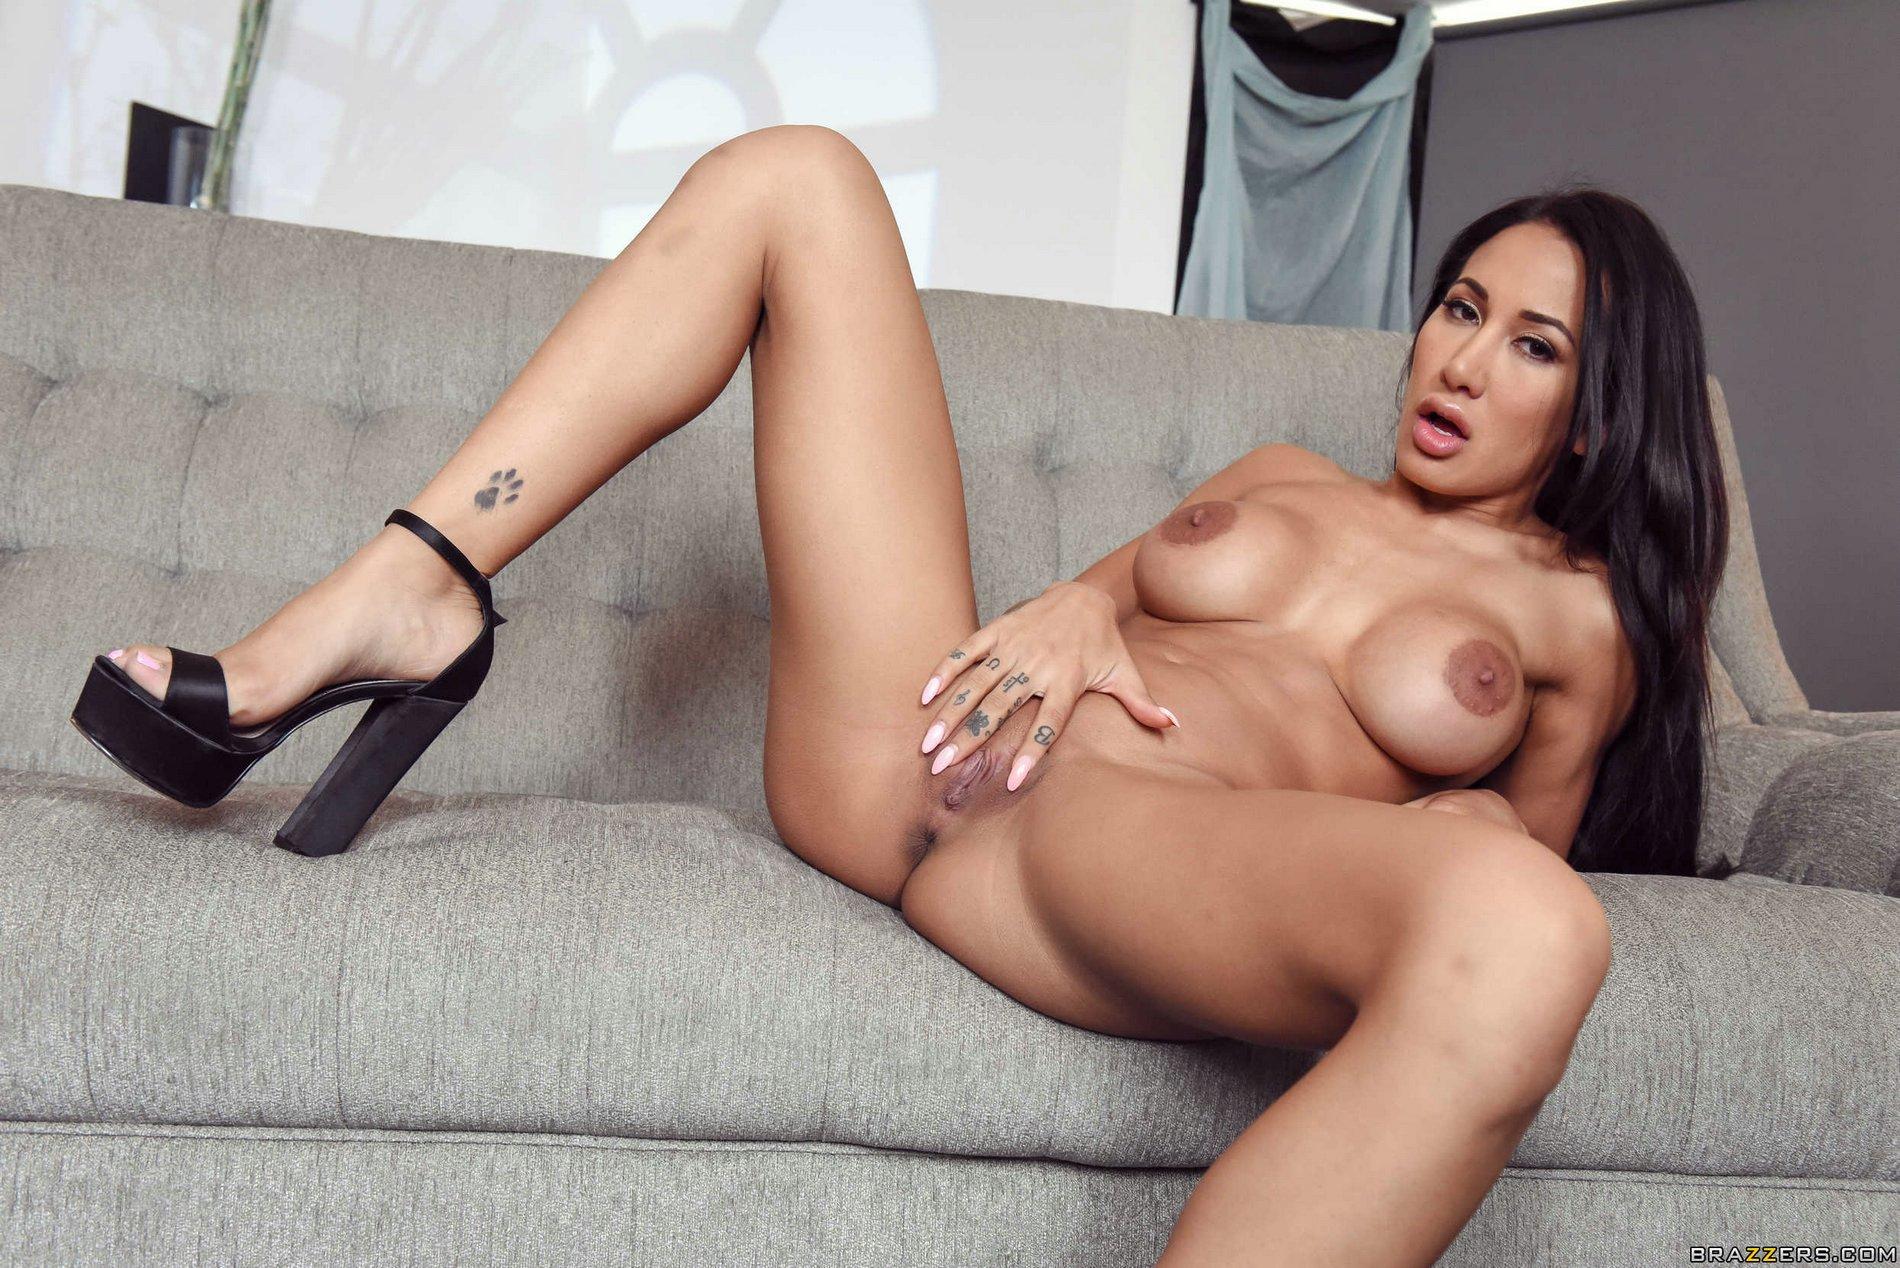 Super hot amia porn stars exist?